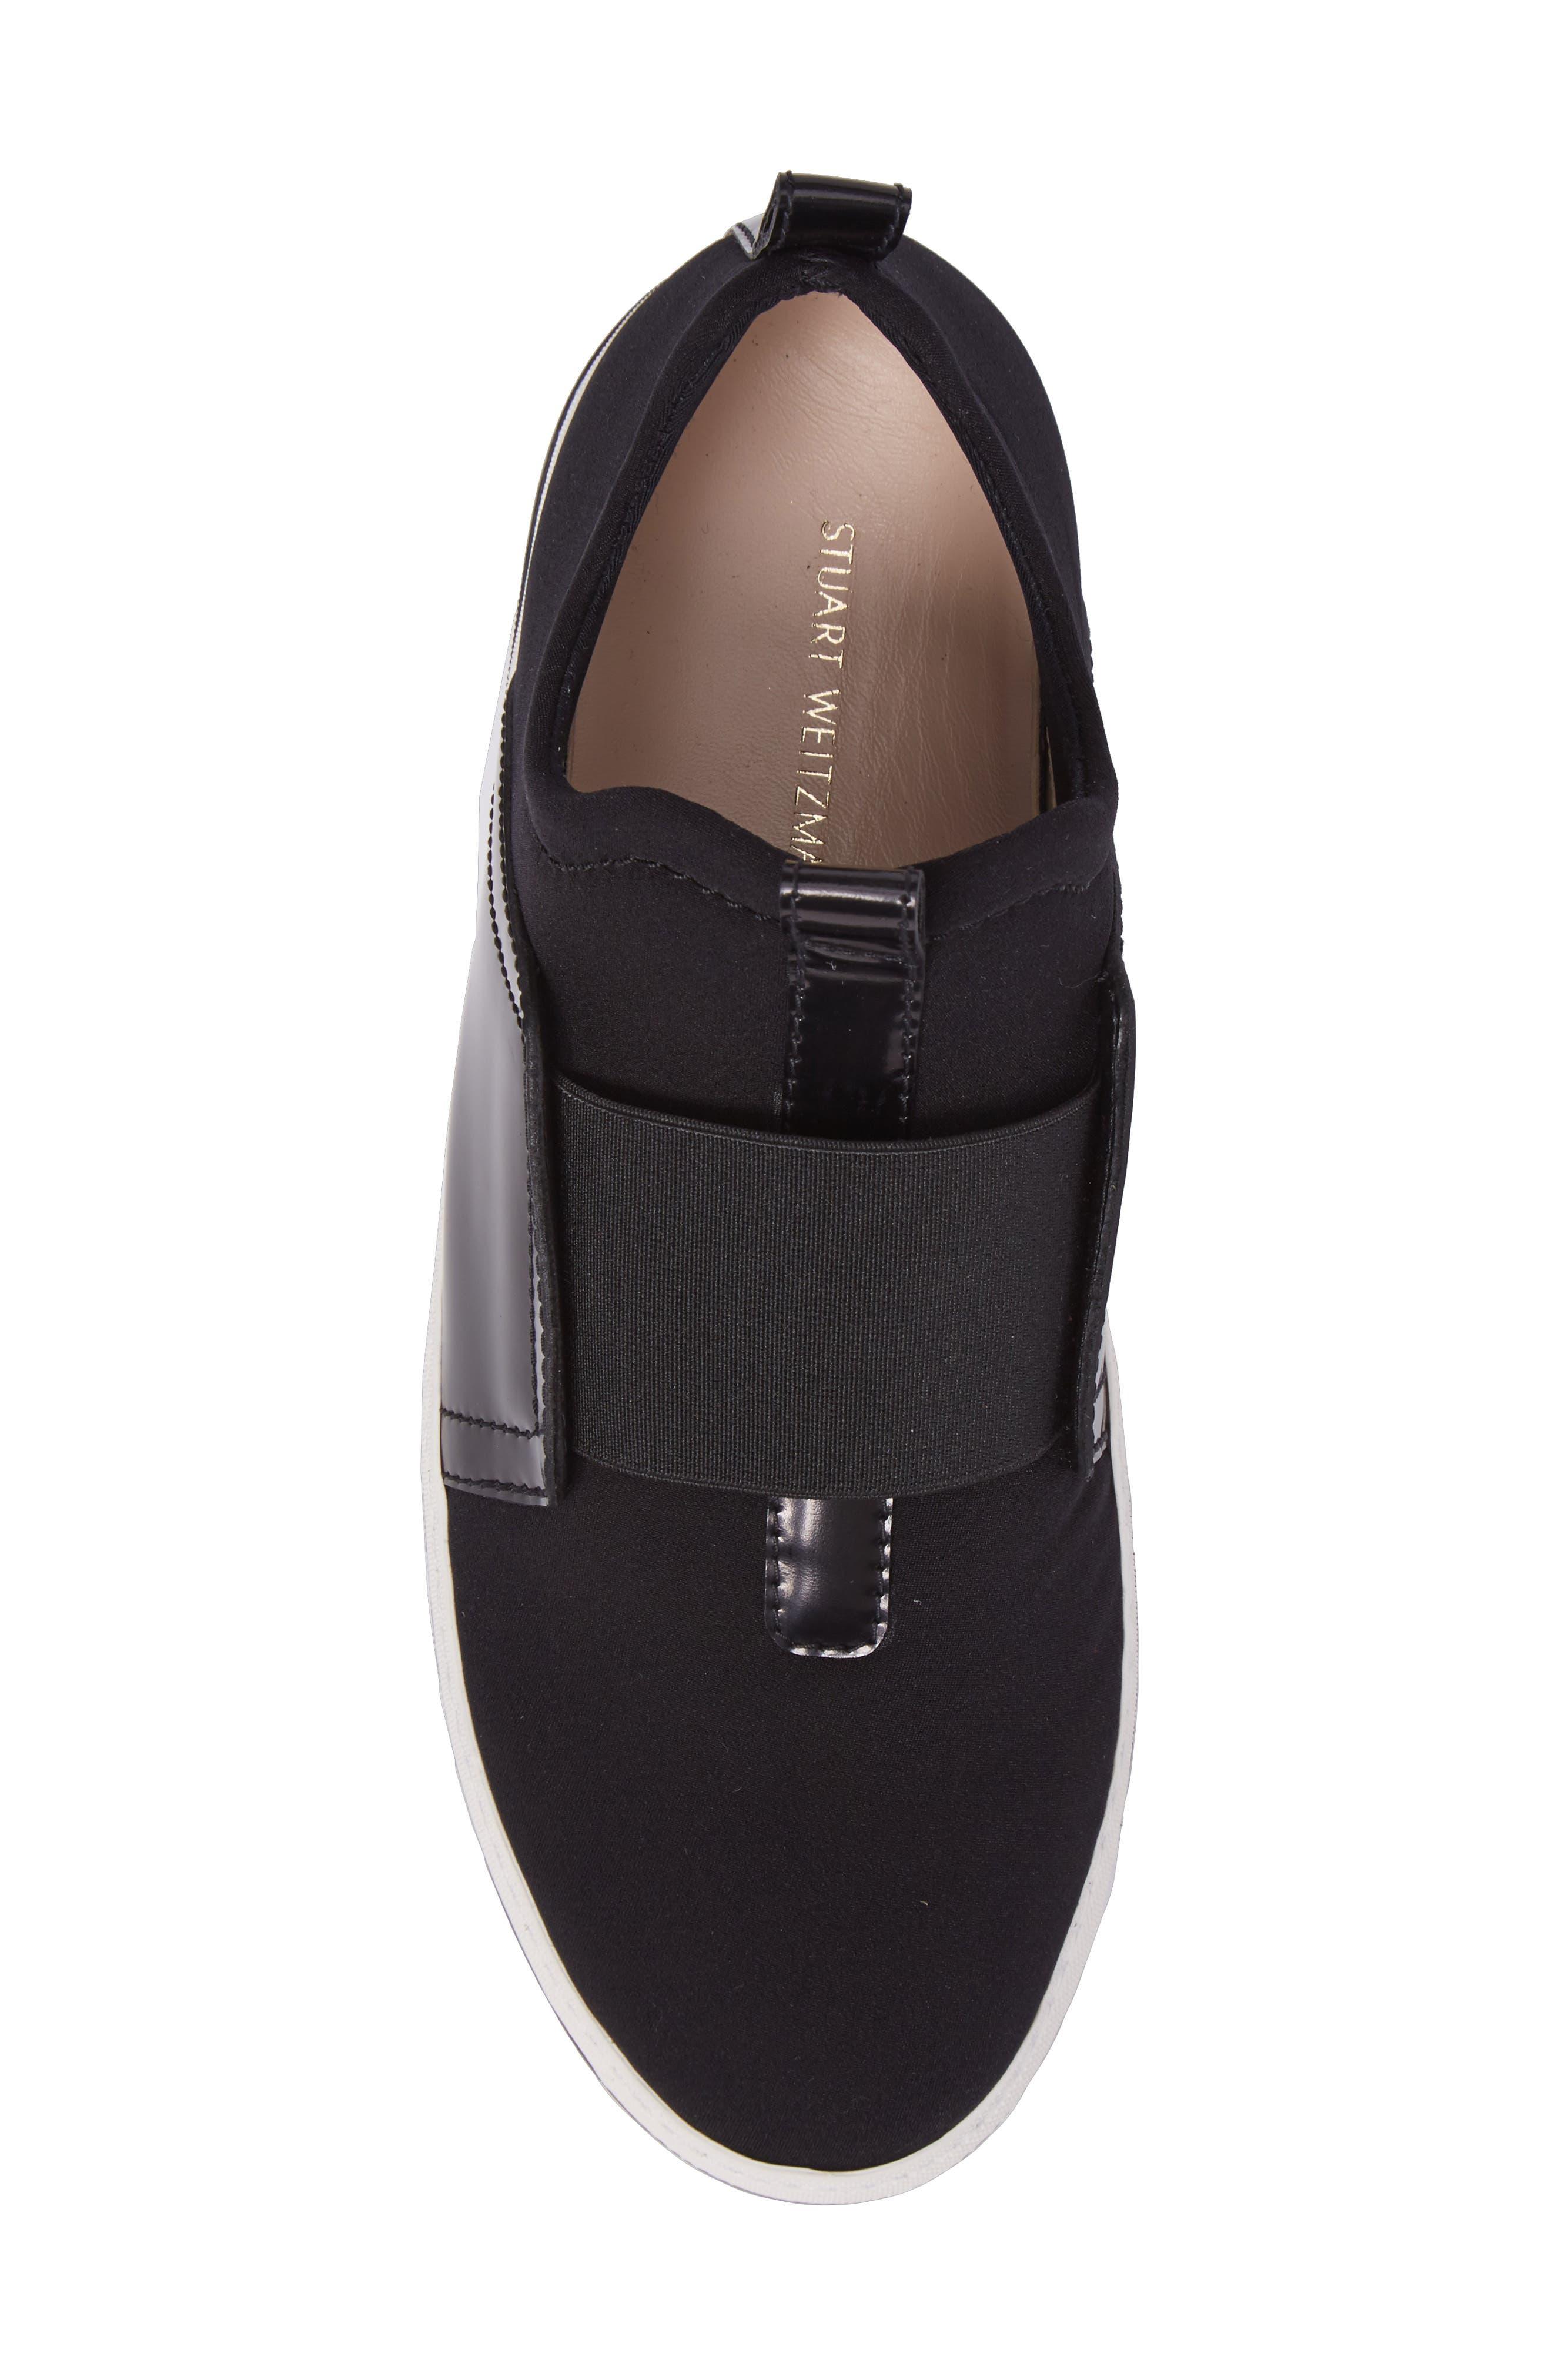 Wayfare Slip-On Sneaker,                             Alternate thumbnail 5, color,                             Black Neoprene